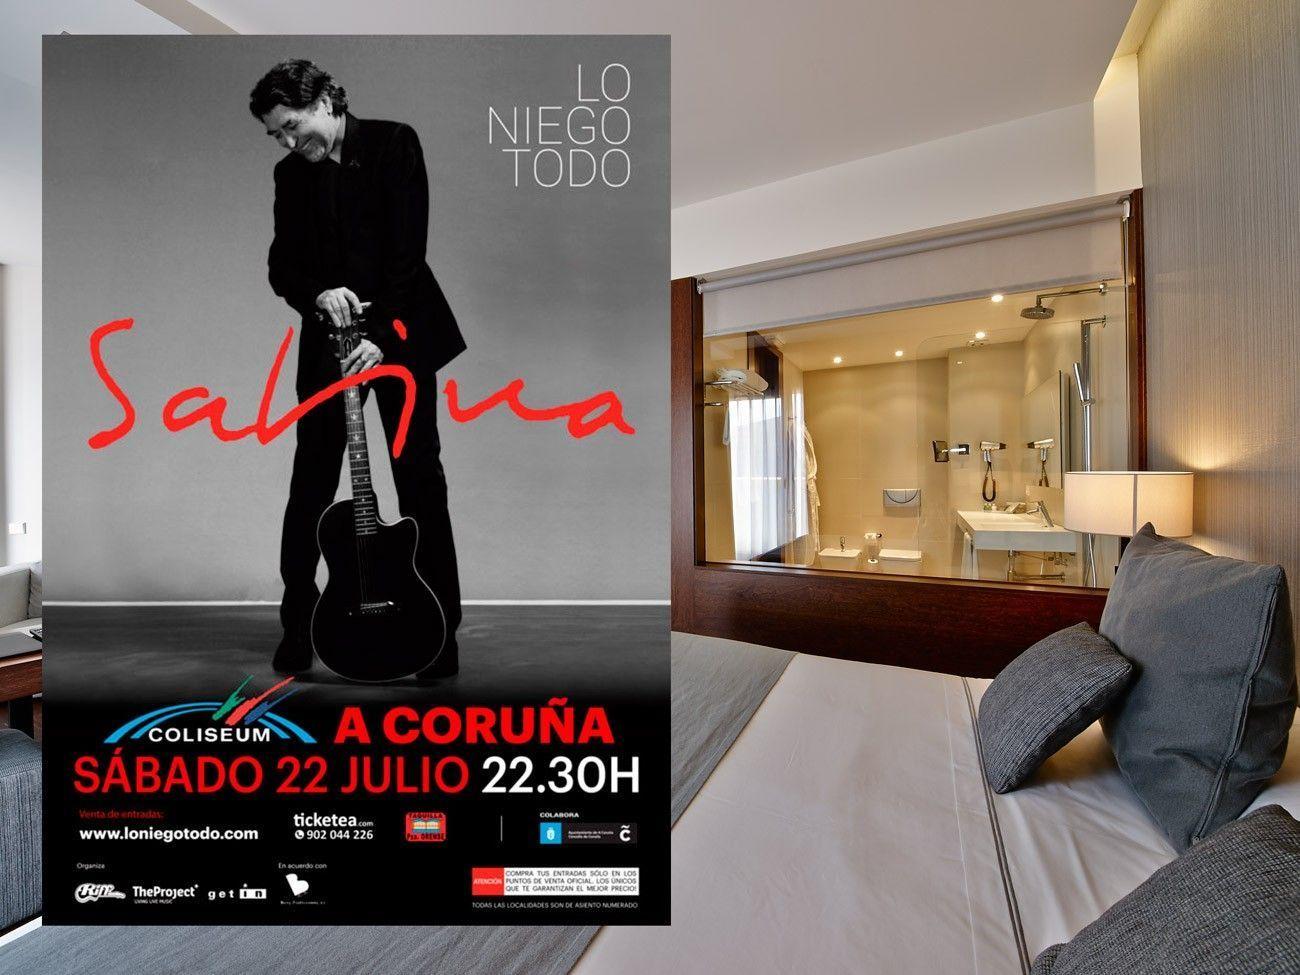 Joaquín Sabina en concierto. LO NIEGO TODO